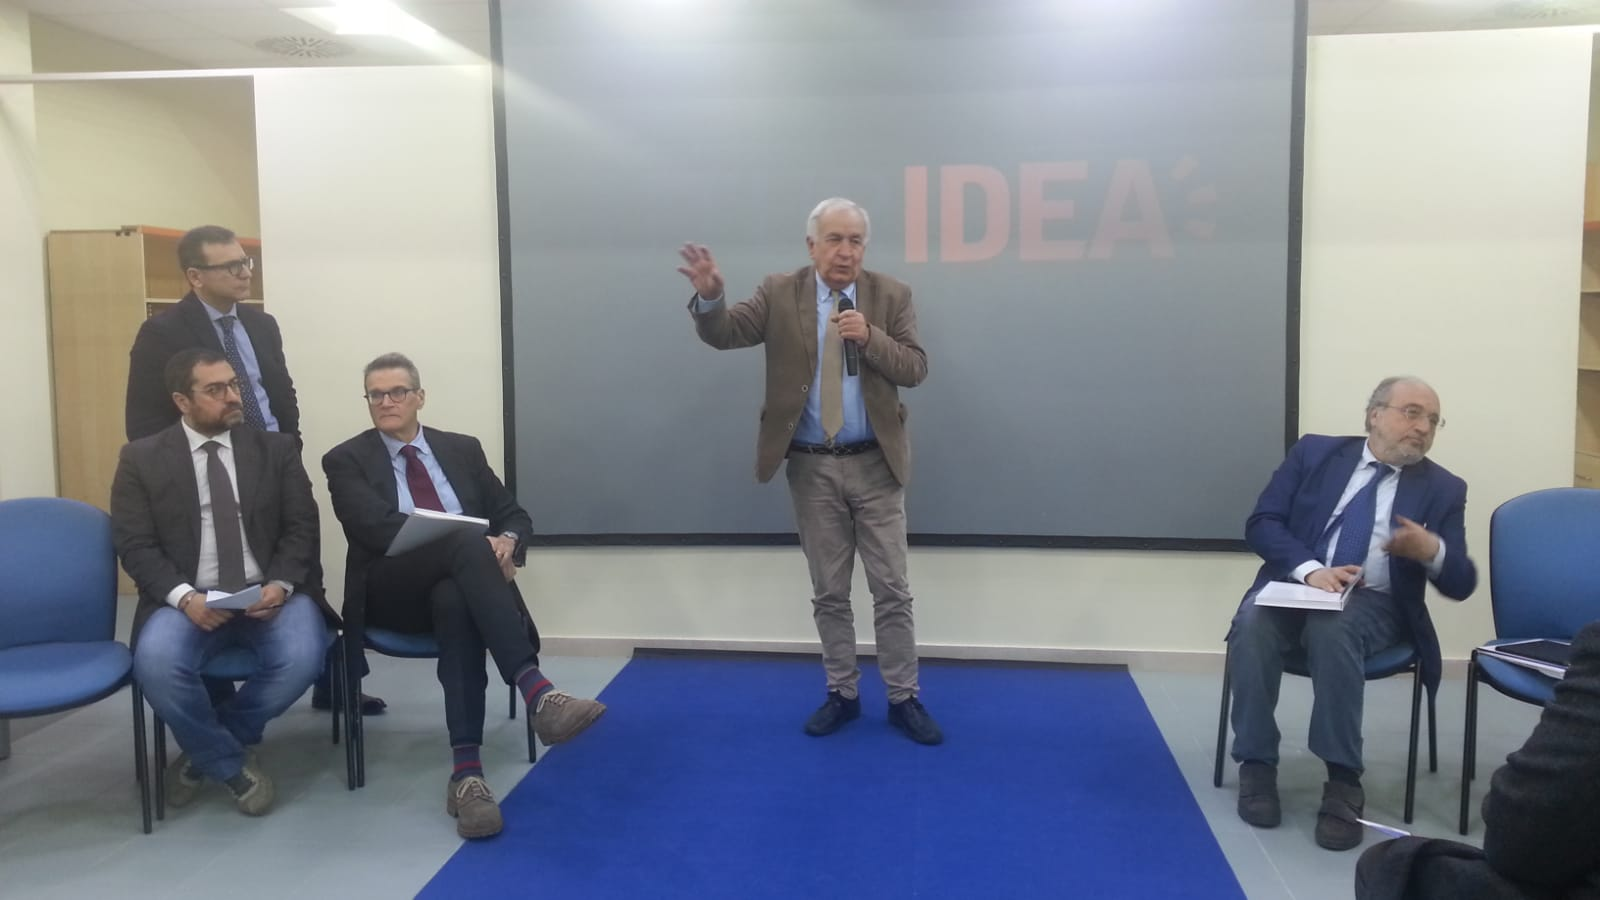 Benevento| Stampa e giustizia, relazioni complesse